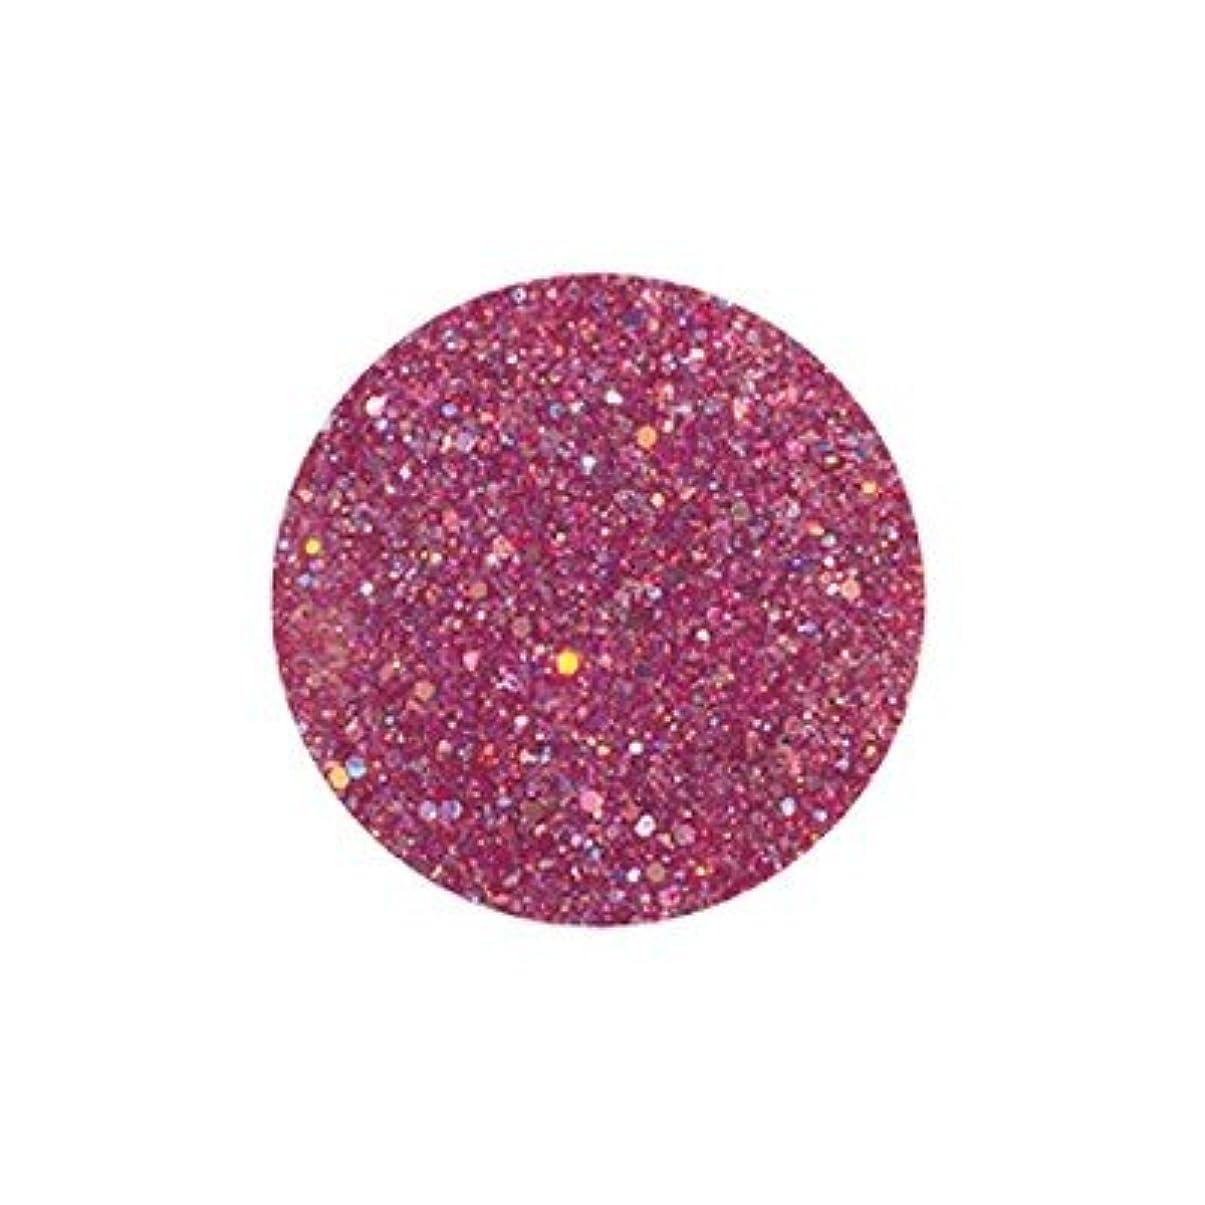 まあリップ読書をするFANTASY NAIL ダイヤモンドコレクション 3g 4259XS カラーパウダー アート材